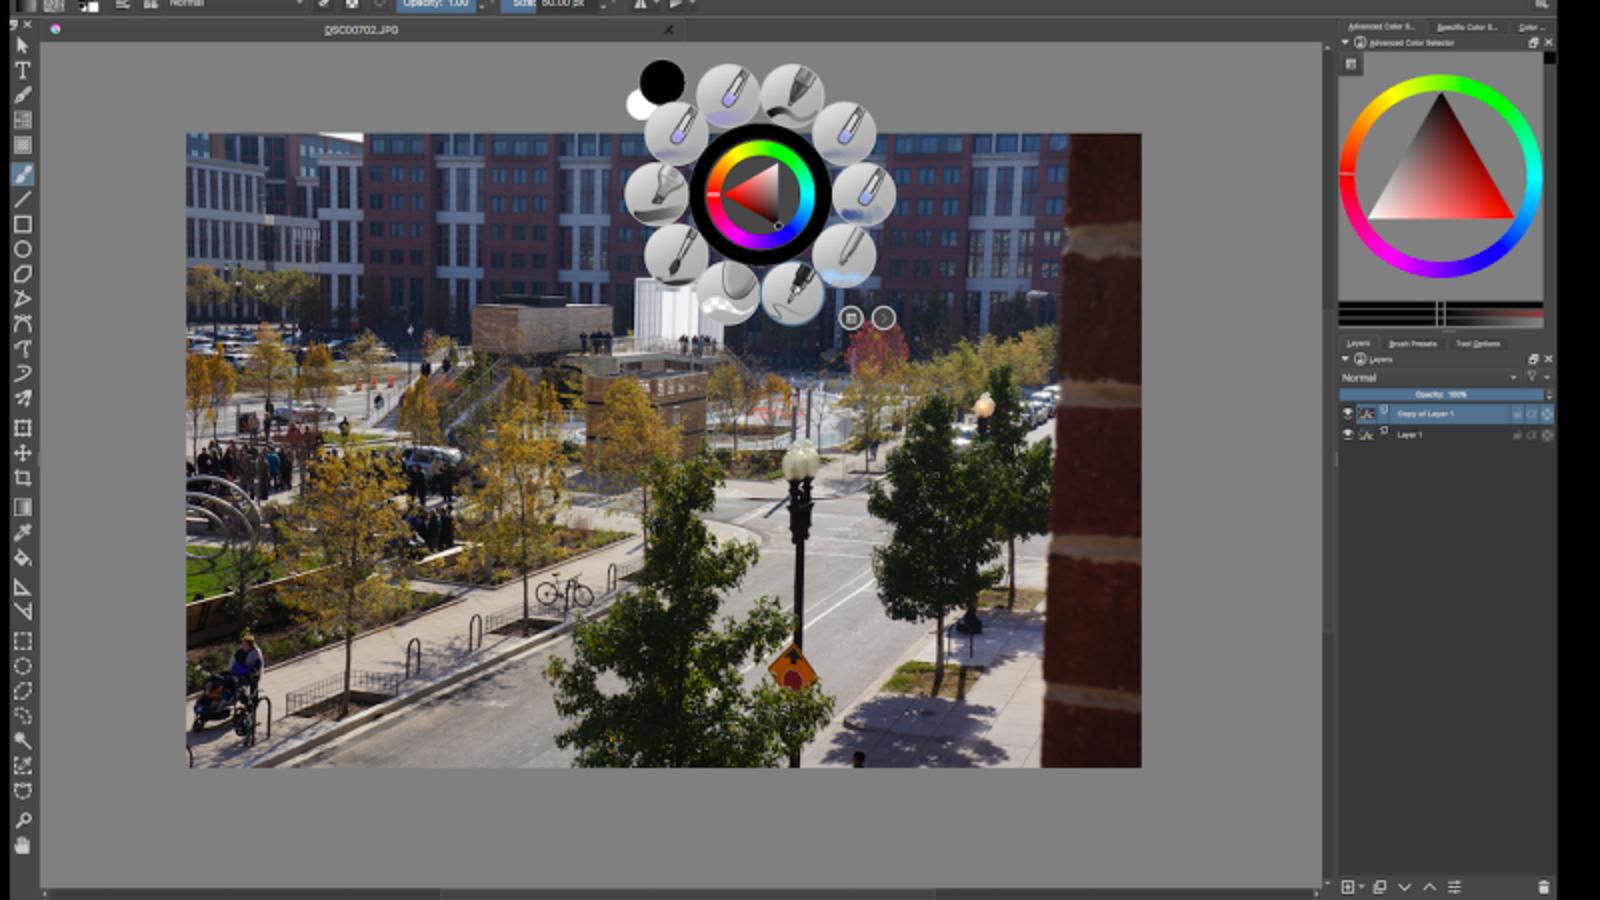 Krita es una alternativa a Photoshop rápida, flexible, gratuita y desarrollada por artistas